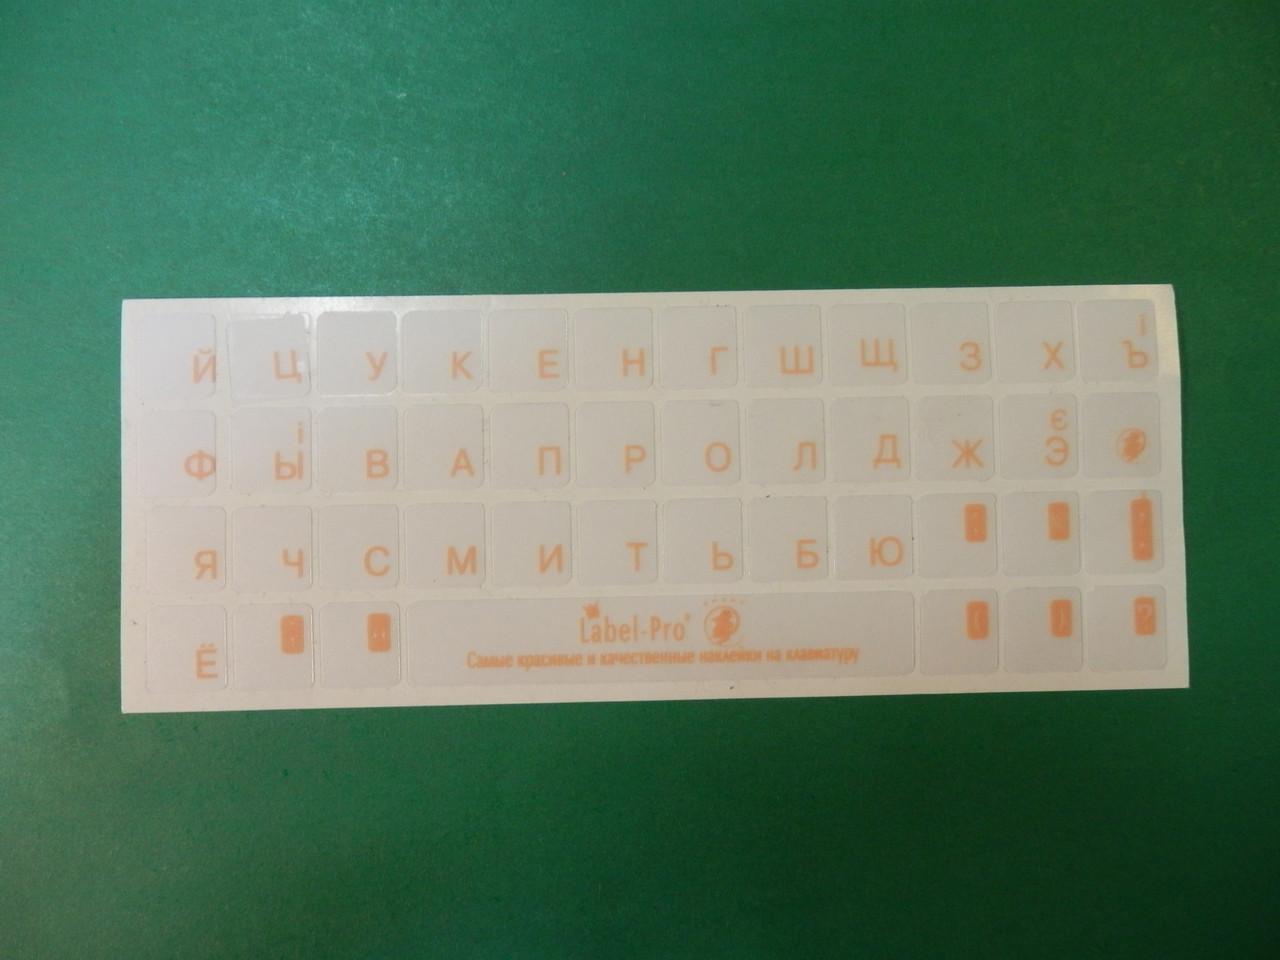 Наклейки на клавіатуру прозорі, помаранчеві російські символи